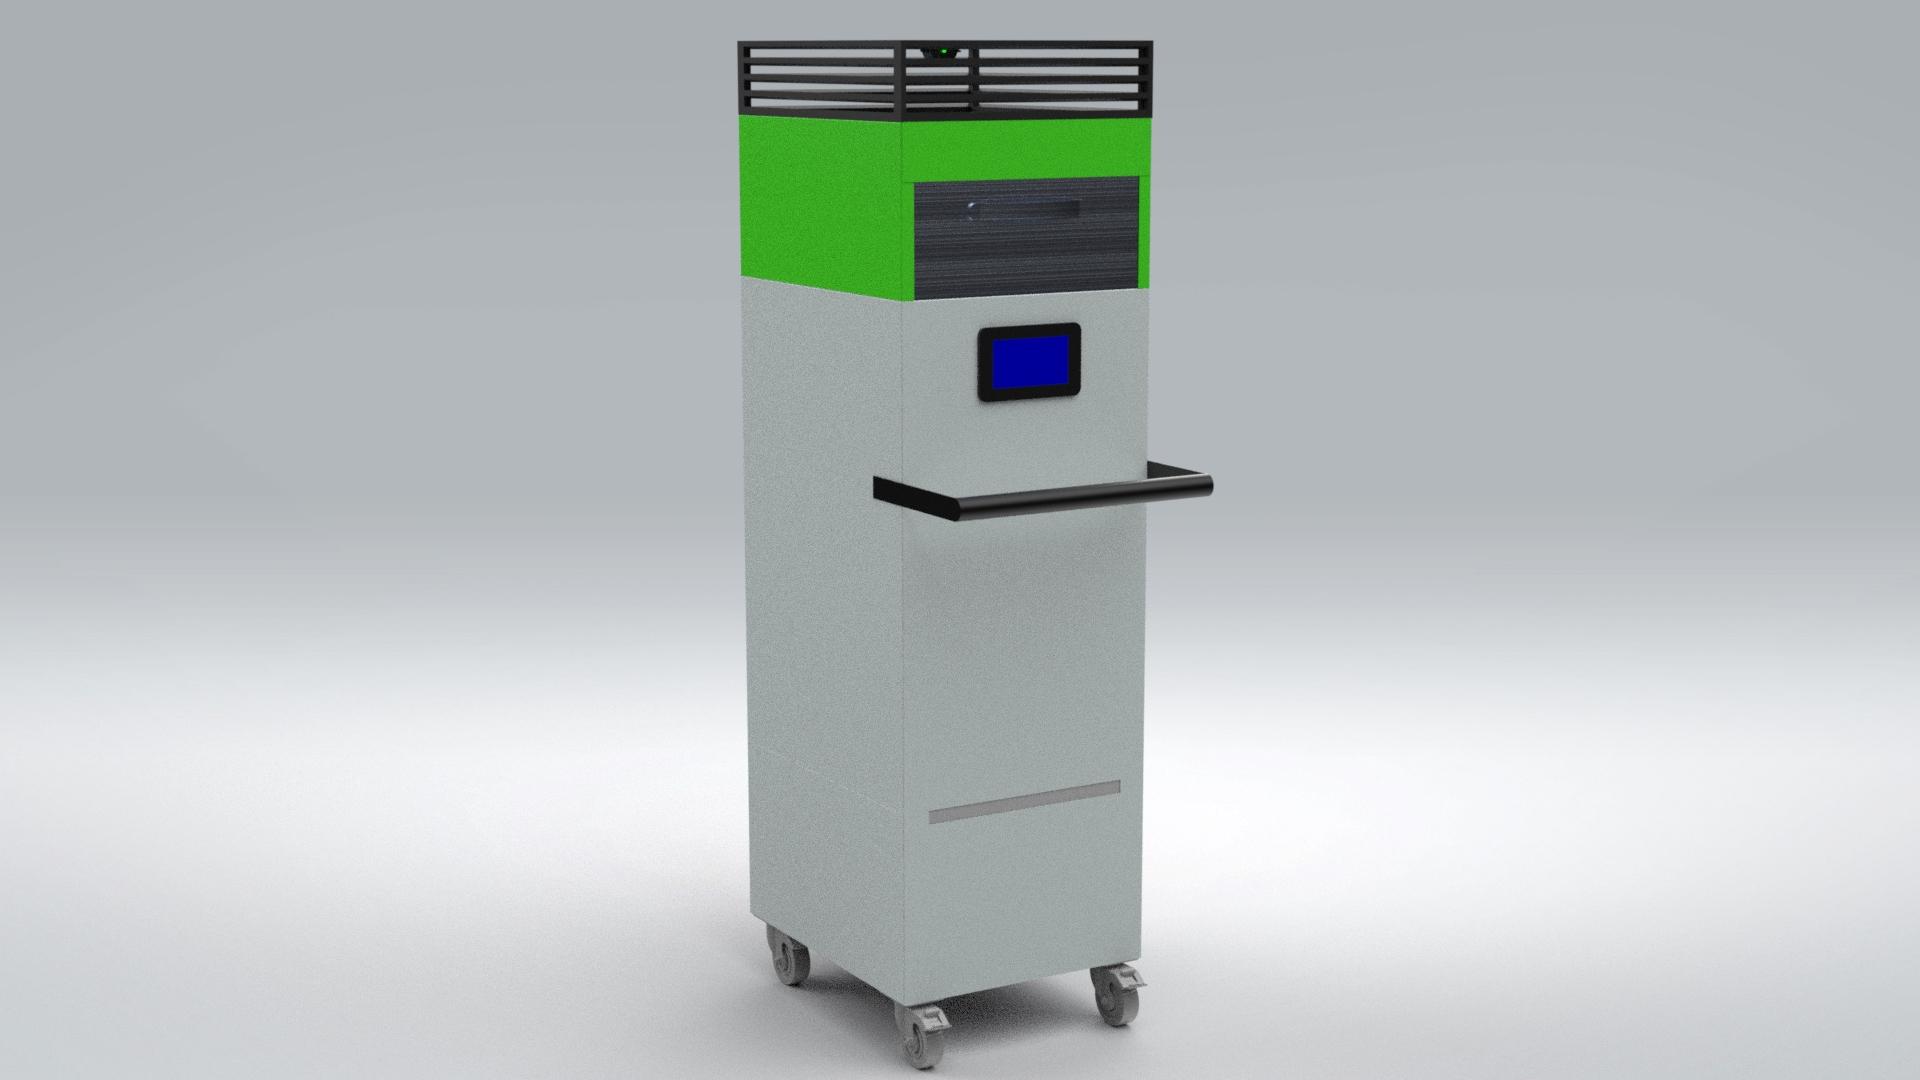 Plasticos Carrera | Equipo Desinfeccion Avic Box Plasticos Carrera